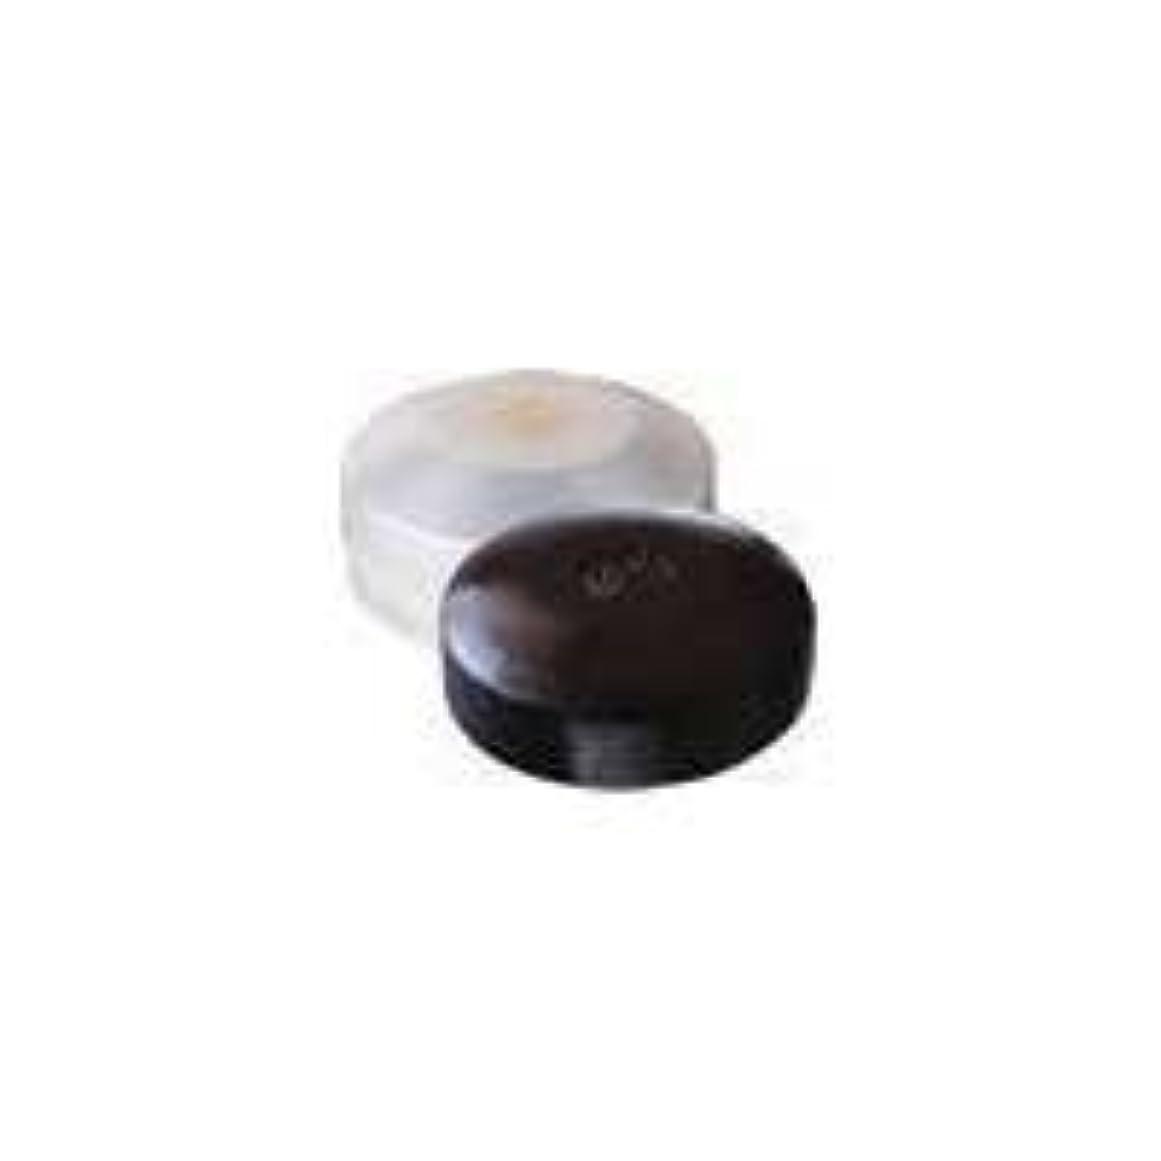 有益な放課後トランペットマミヤンアロエ基礎化粧品シリーズ アロエクセルソープ 120g(ケース有) まろやかな泡立ち透明石鹸